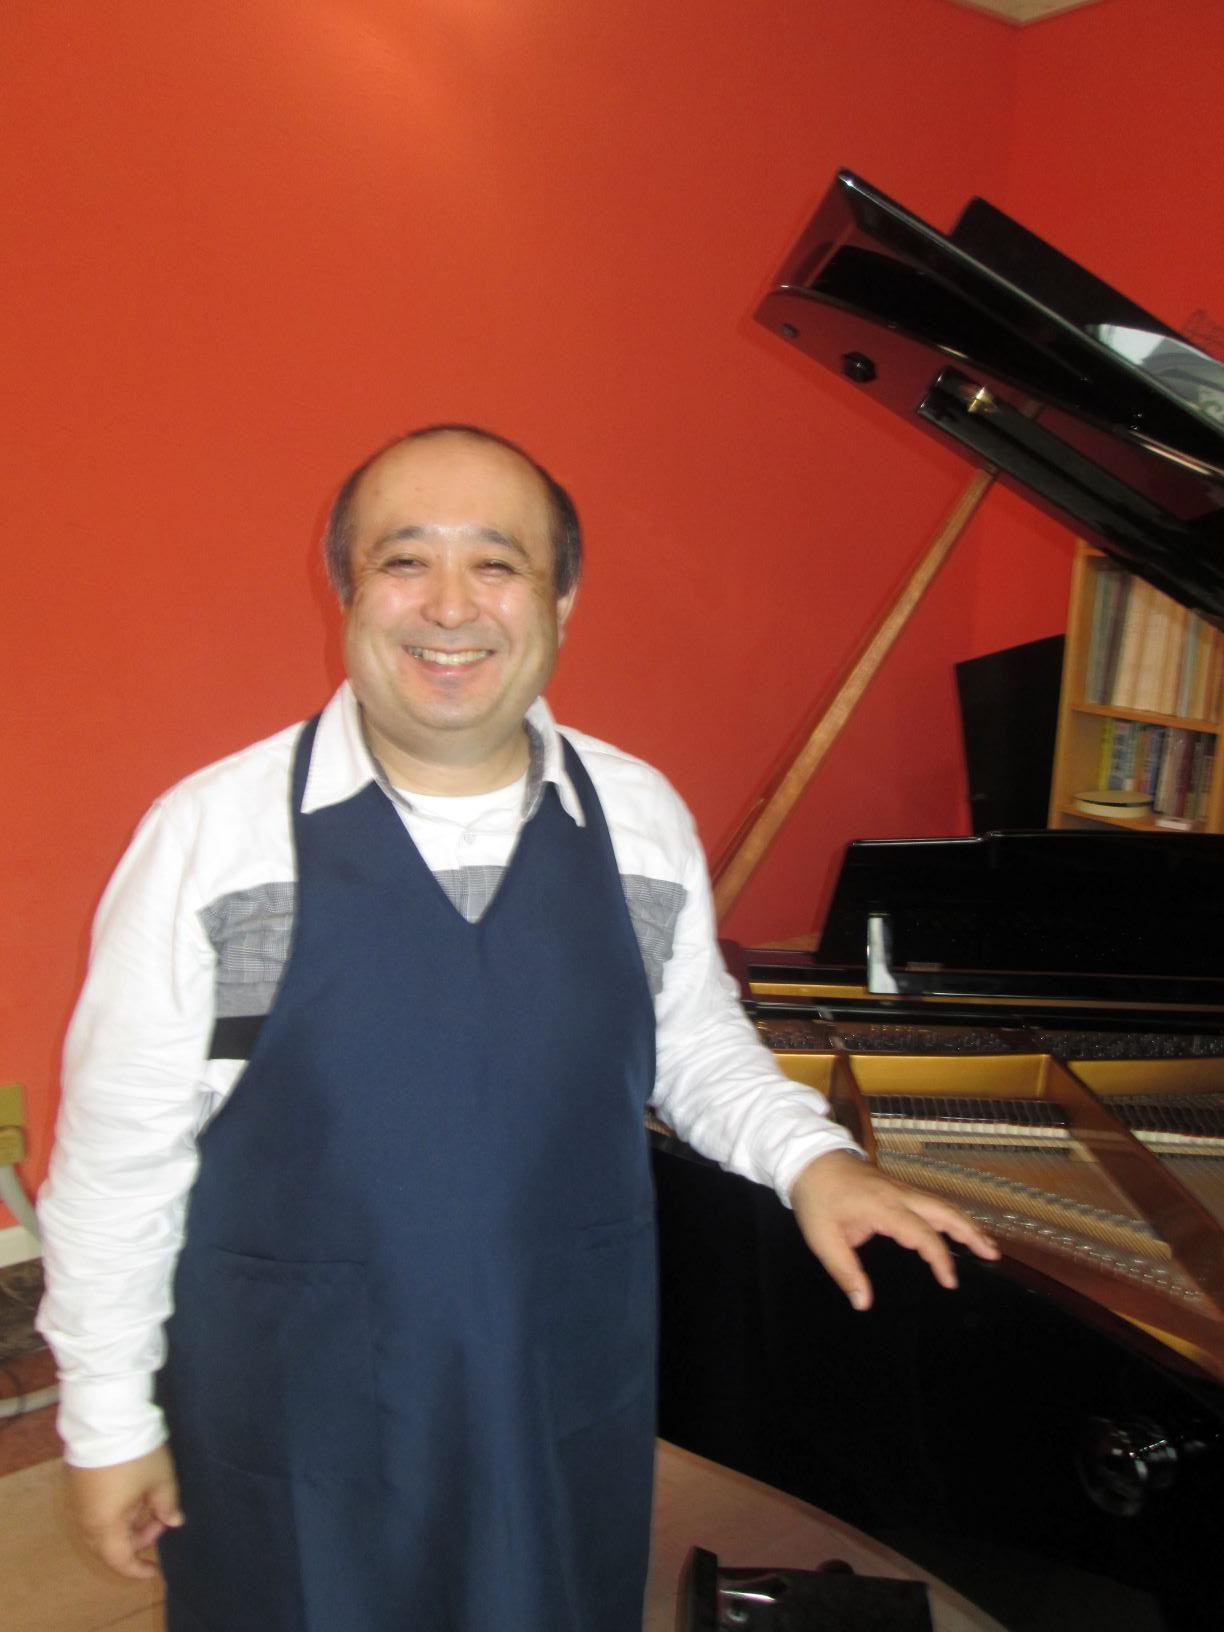 今晩、19:00~「Zoom」でピアノの生演奏します。遊びに来てね!!